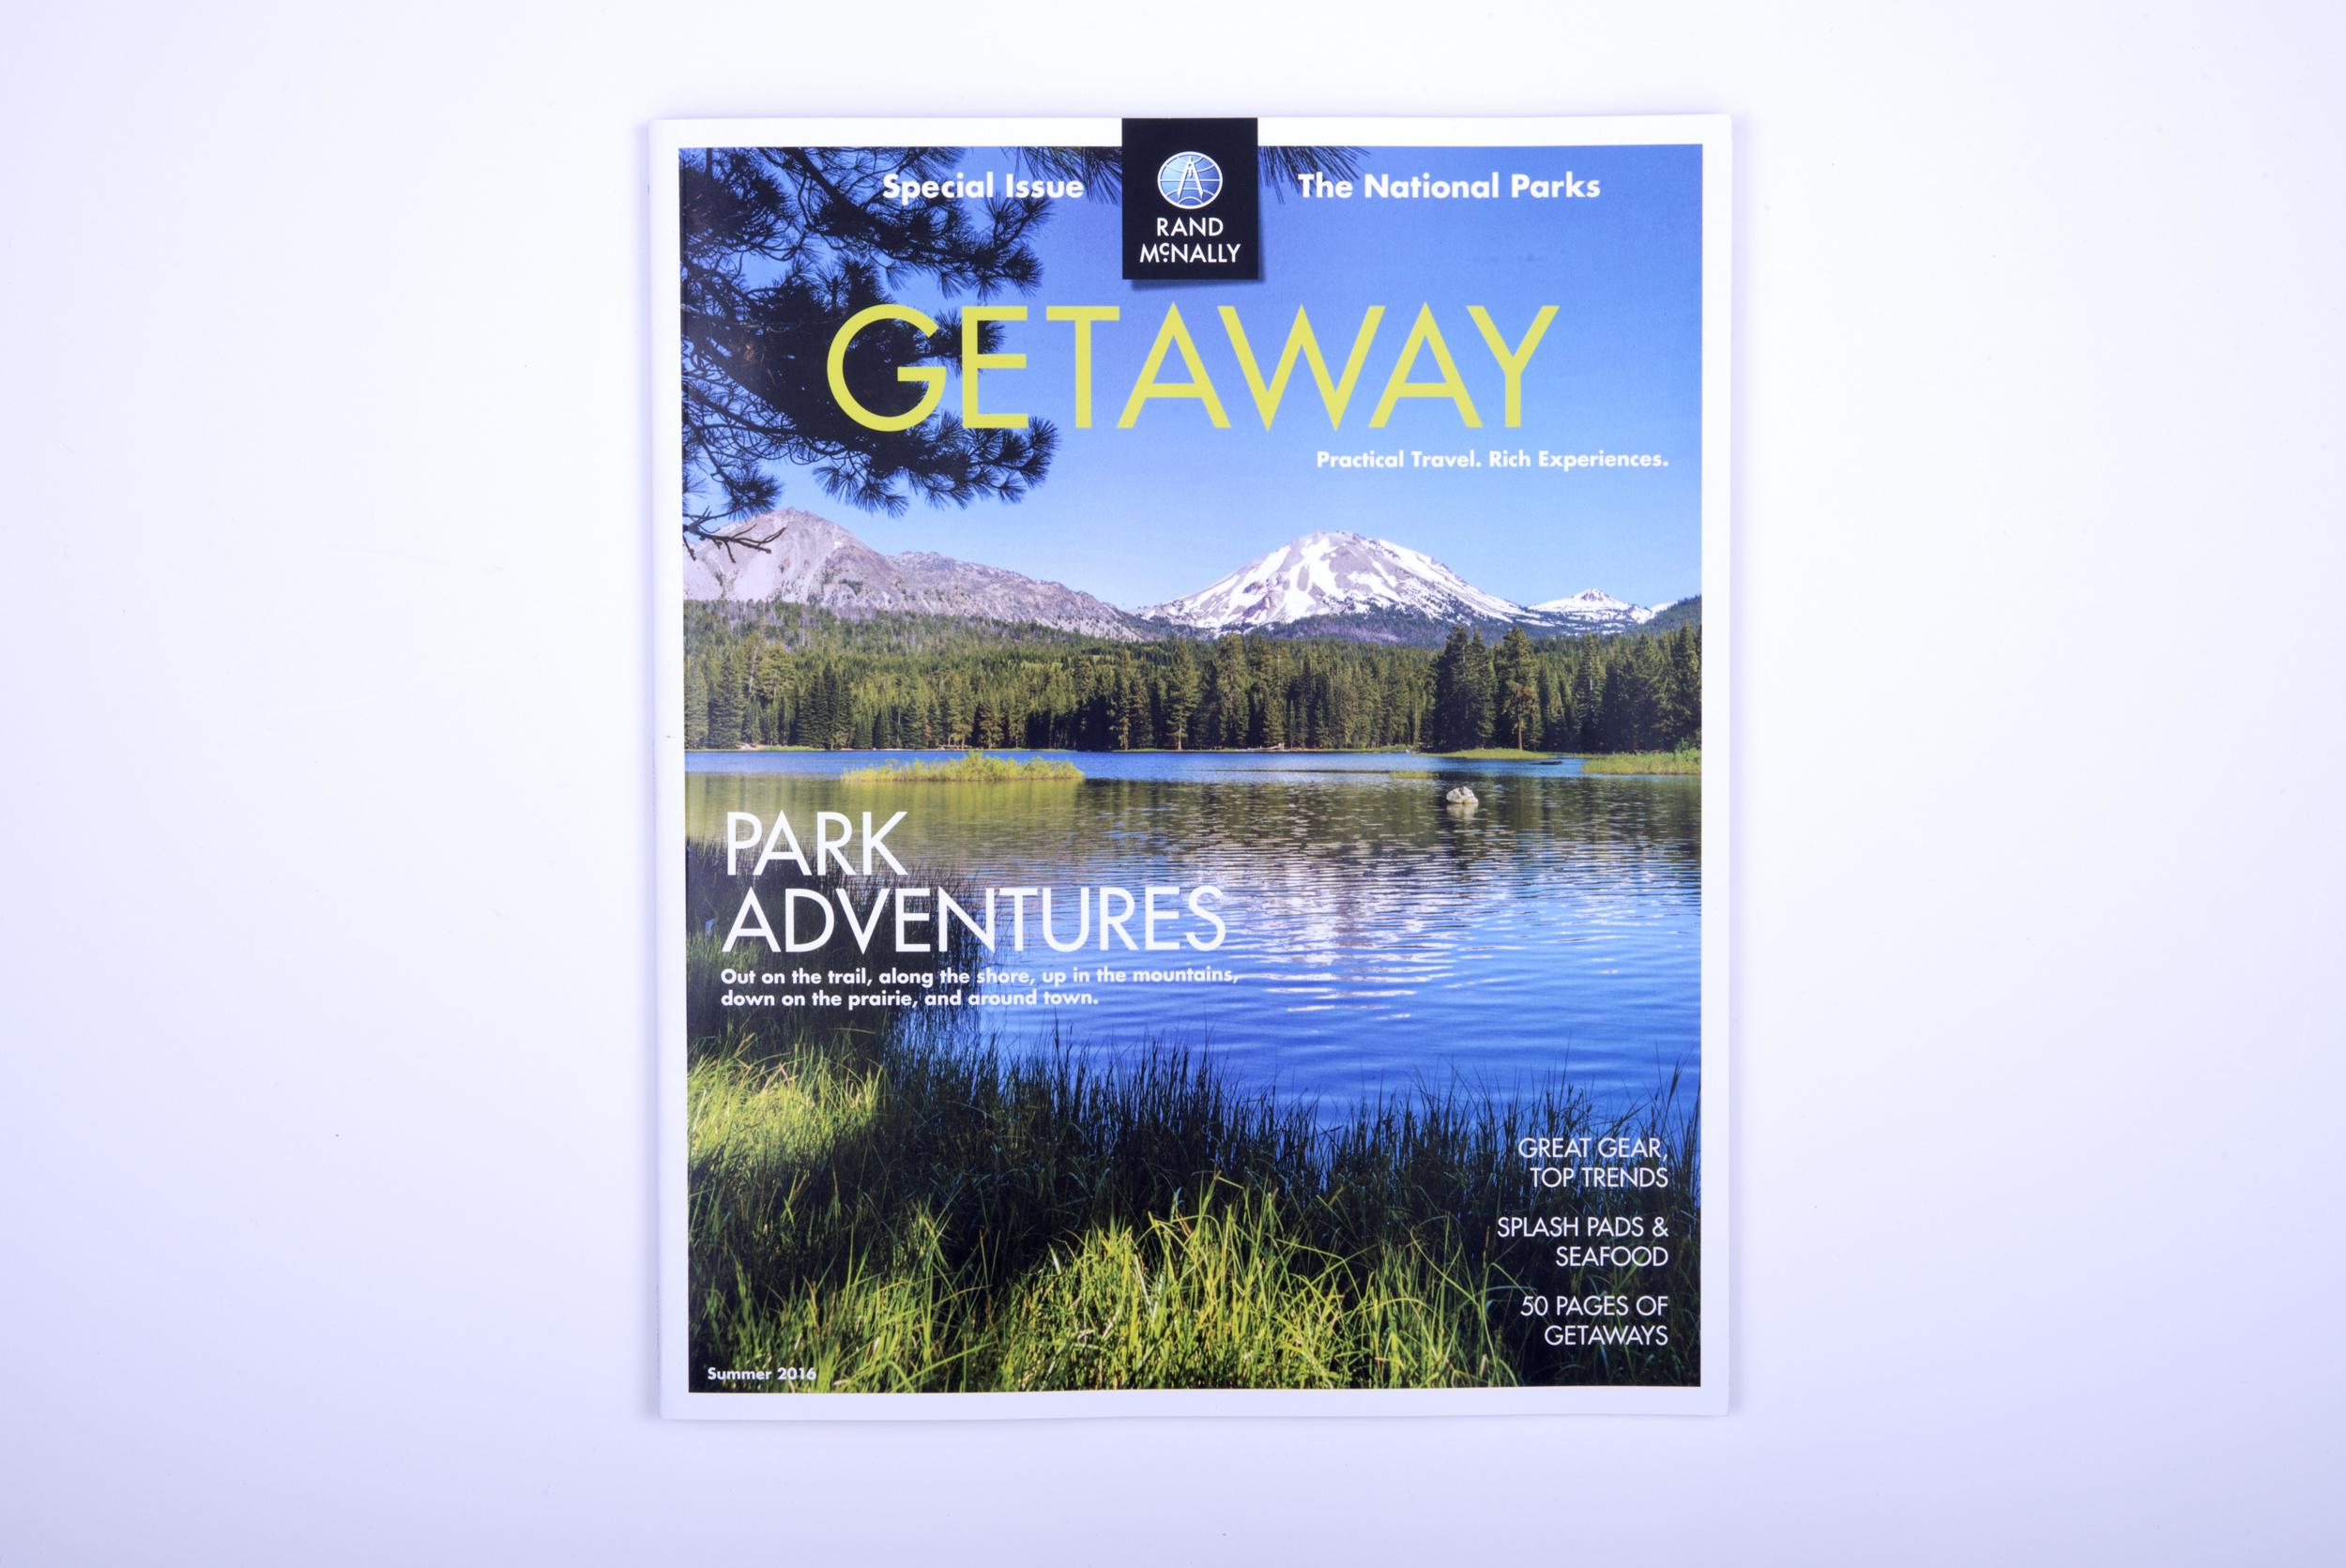 Getaway_Roadtrip_00.jpg